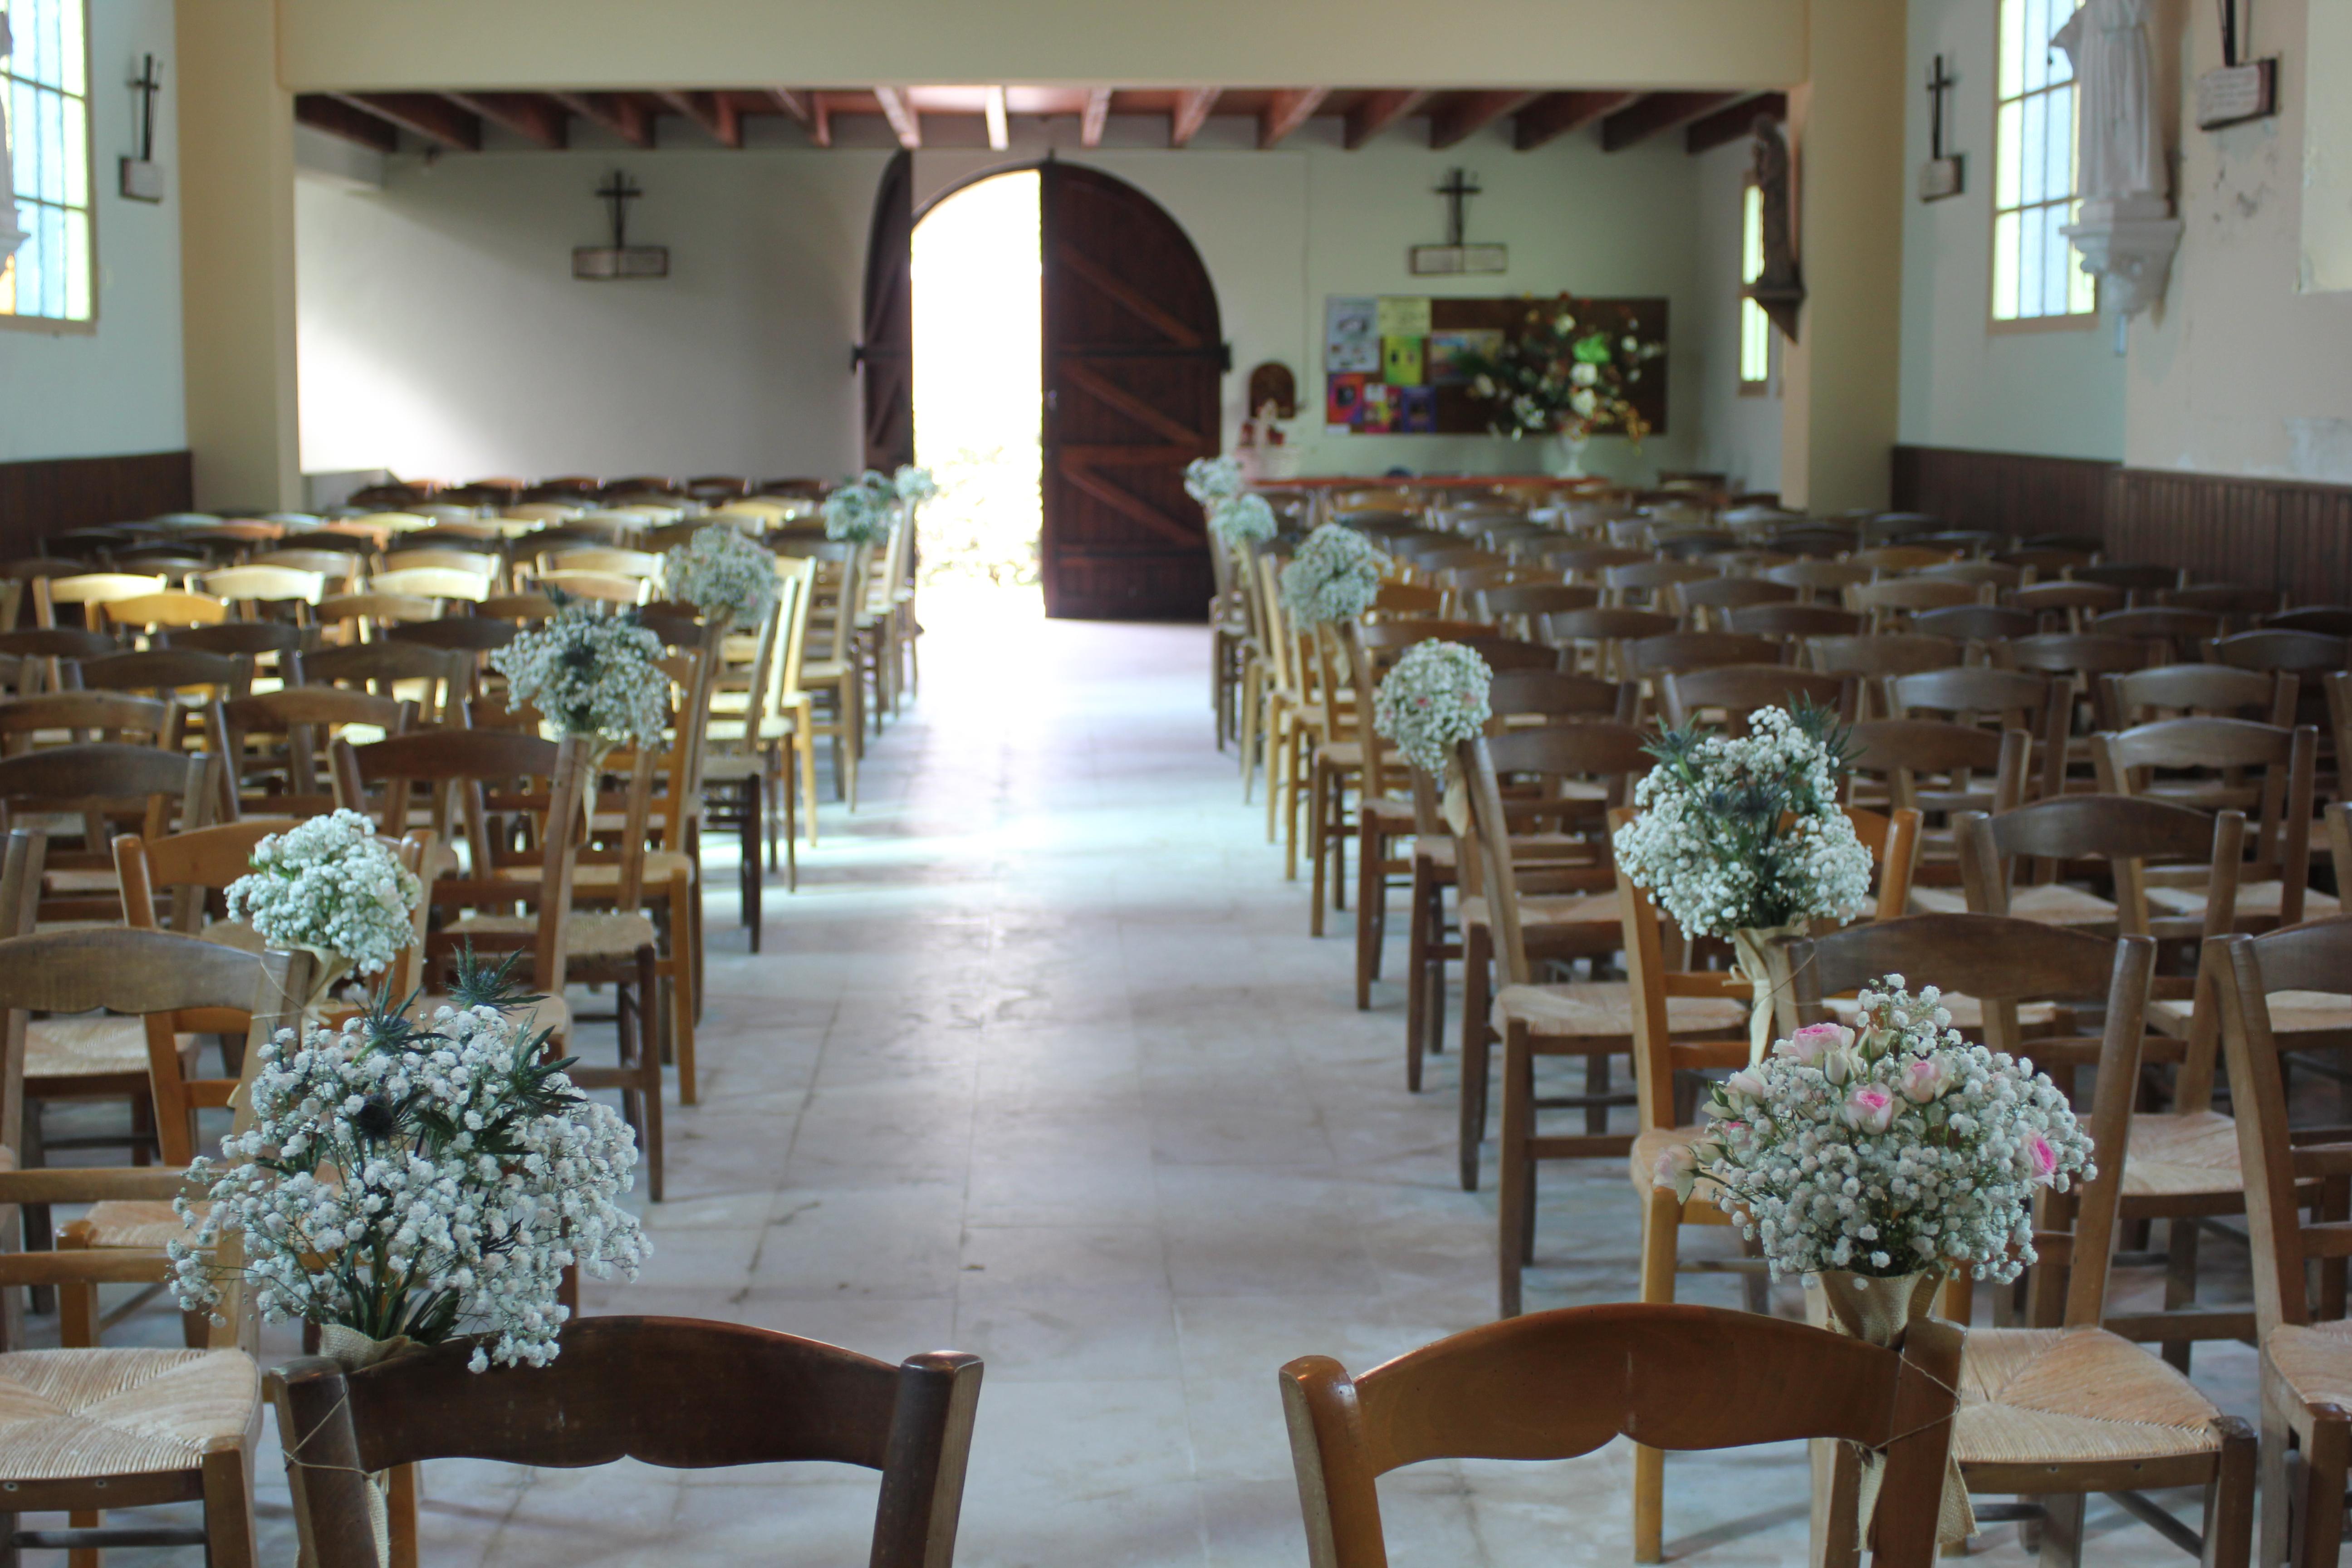 Bouts de banc bouquets gypsophile, roses mini eden et chardons